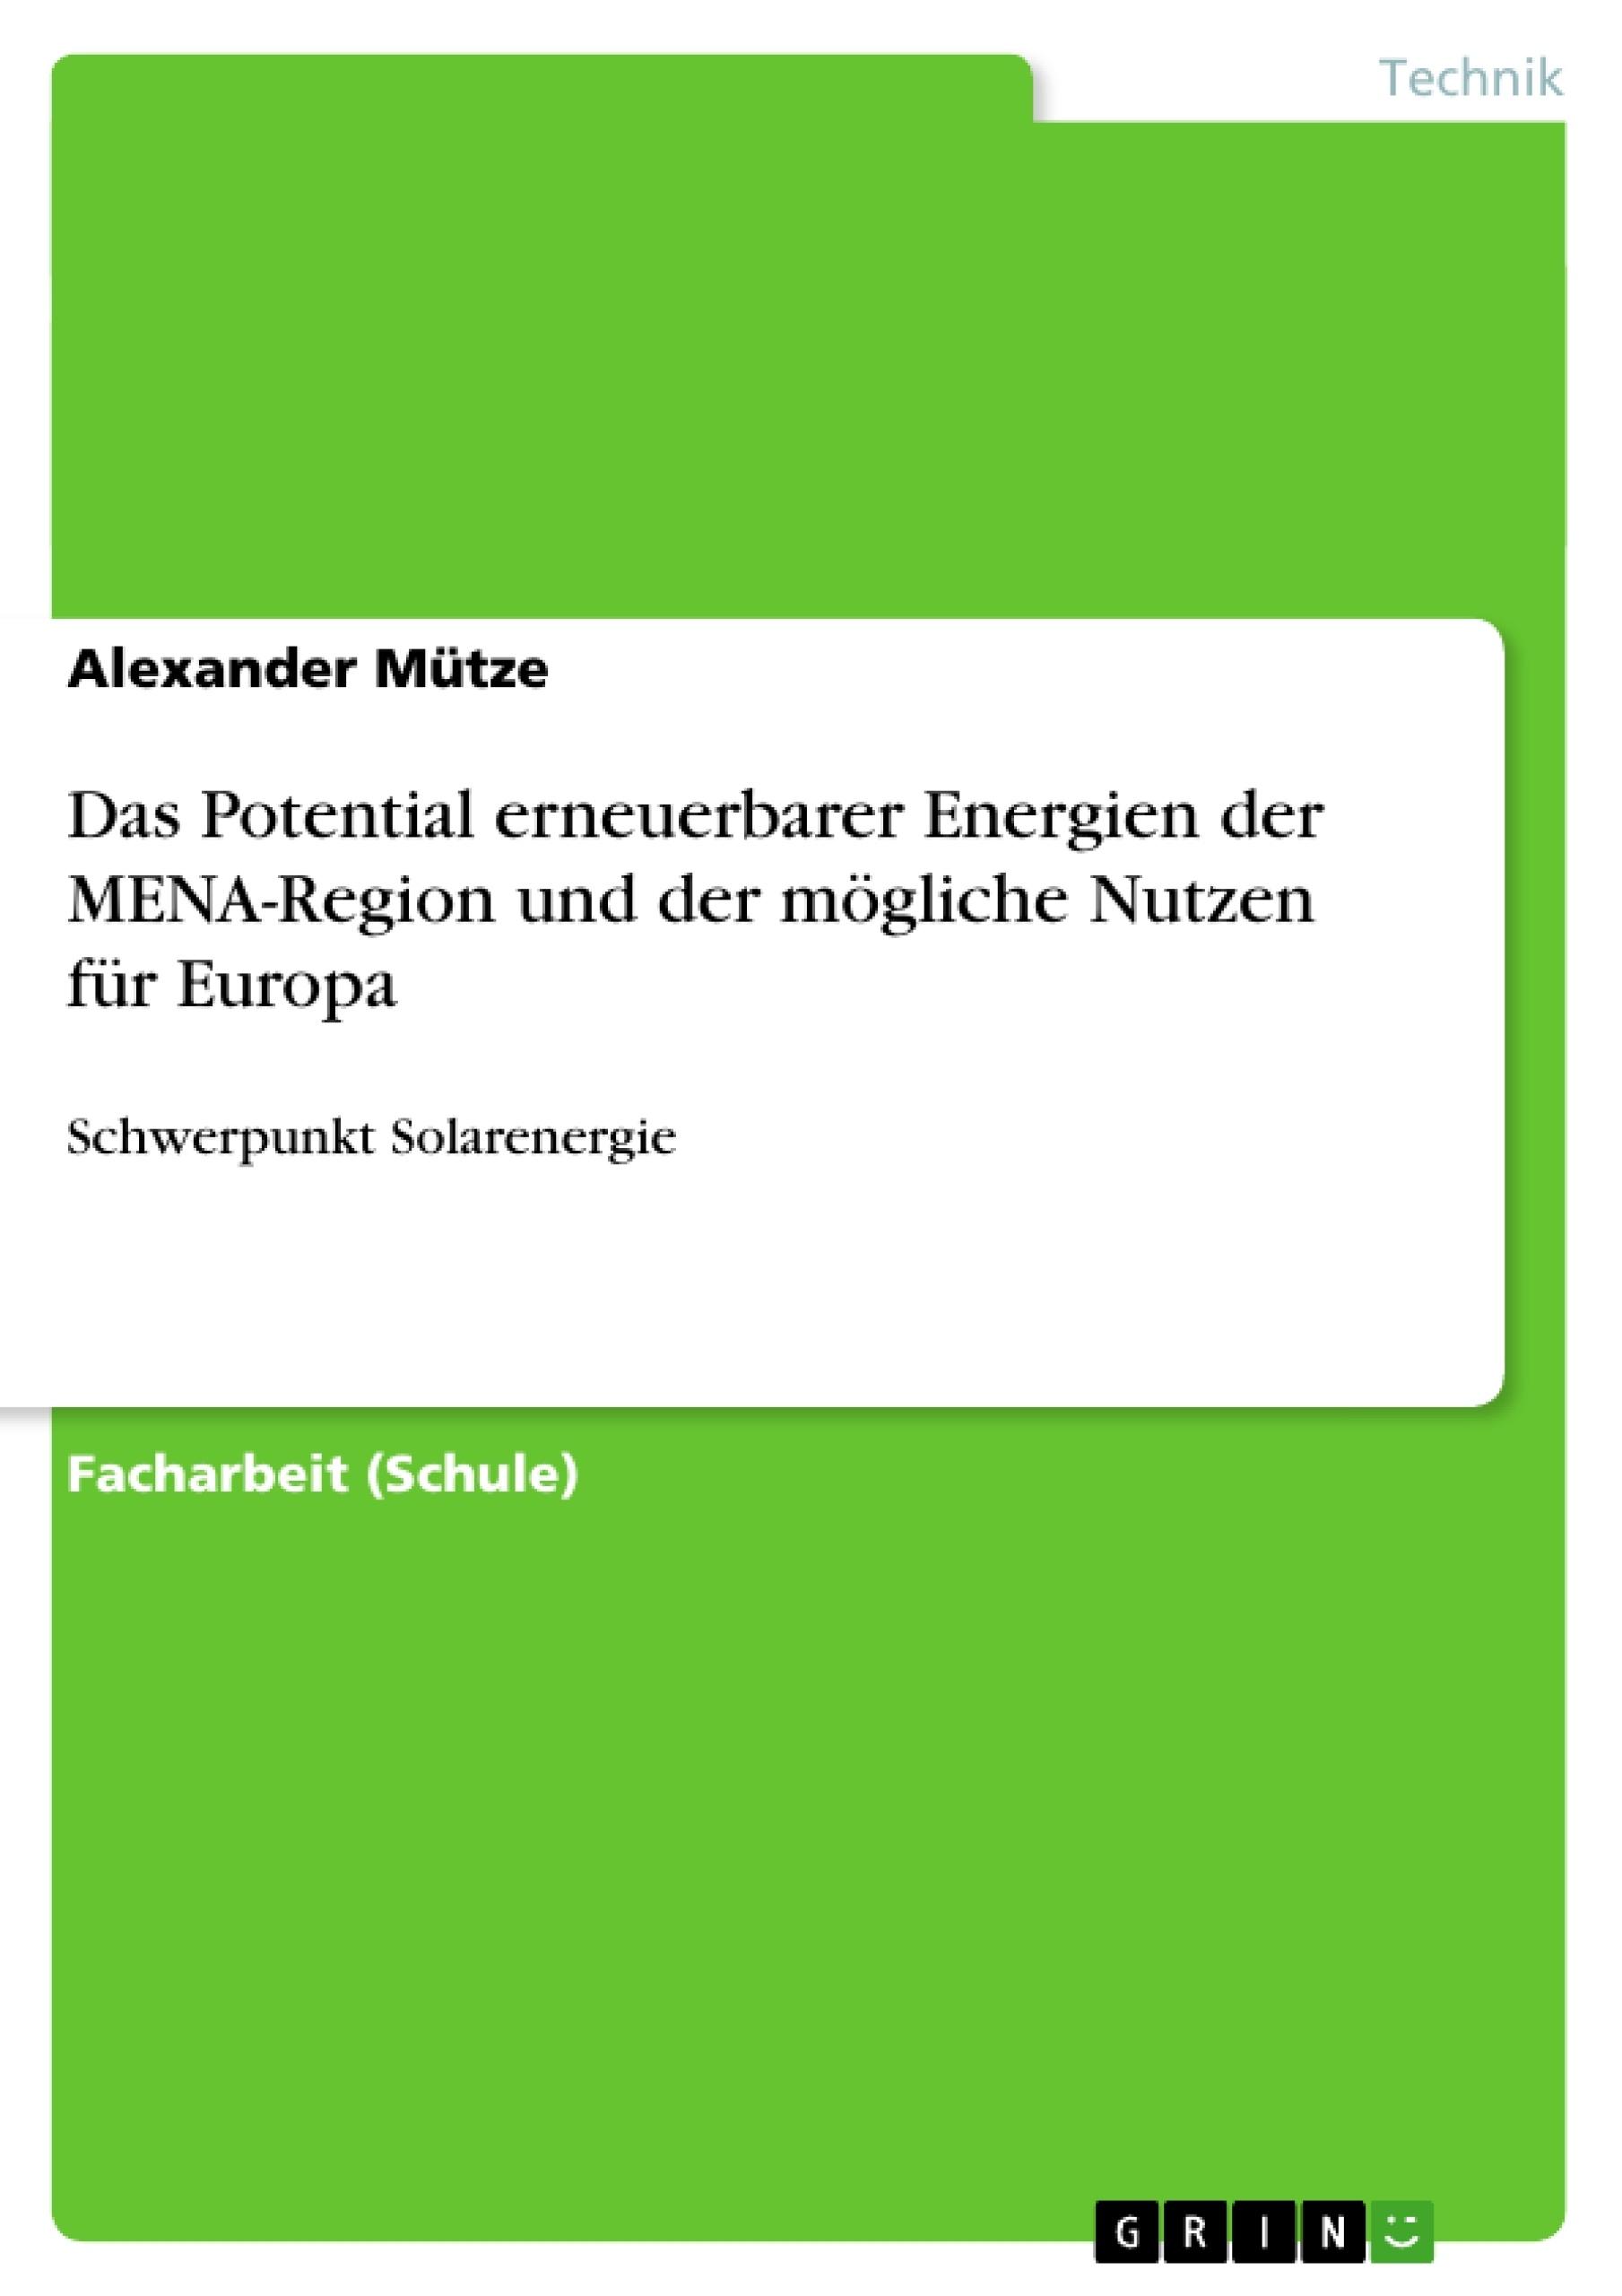 Titel: Das Potential erneuerbarer Energien der MENA-Region und der mögliche Nutzen für Europa